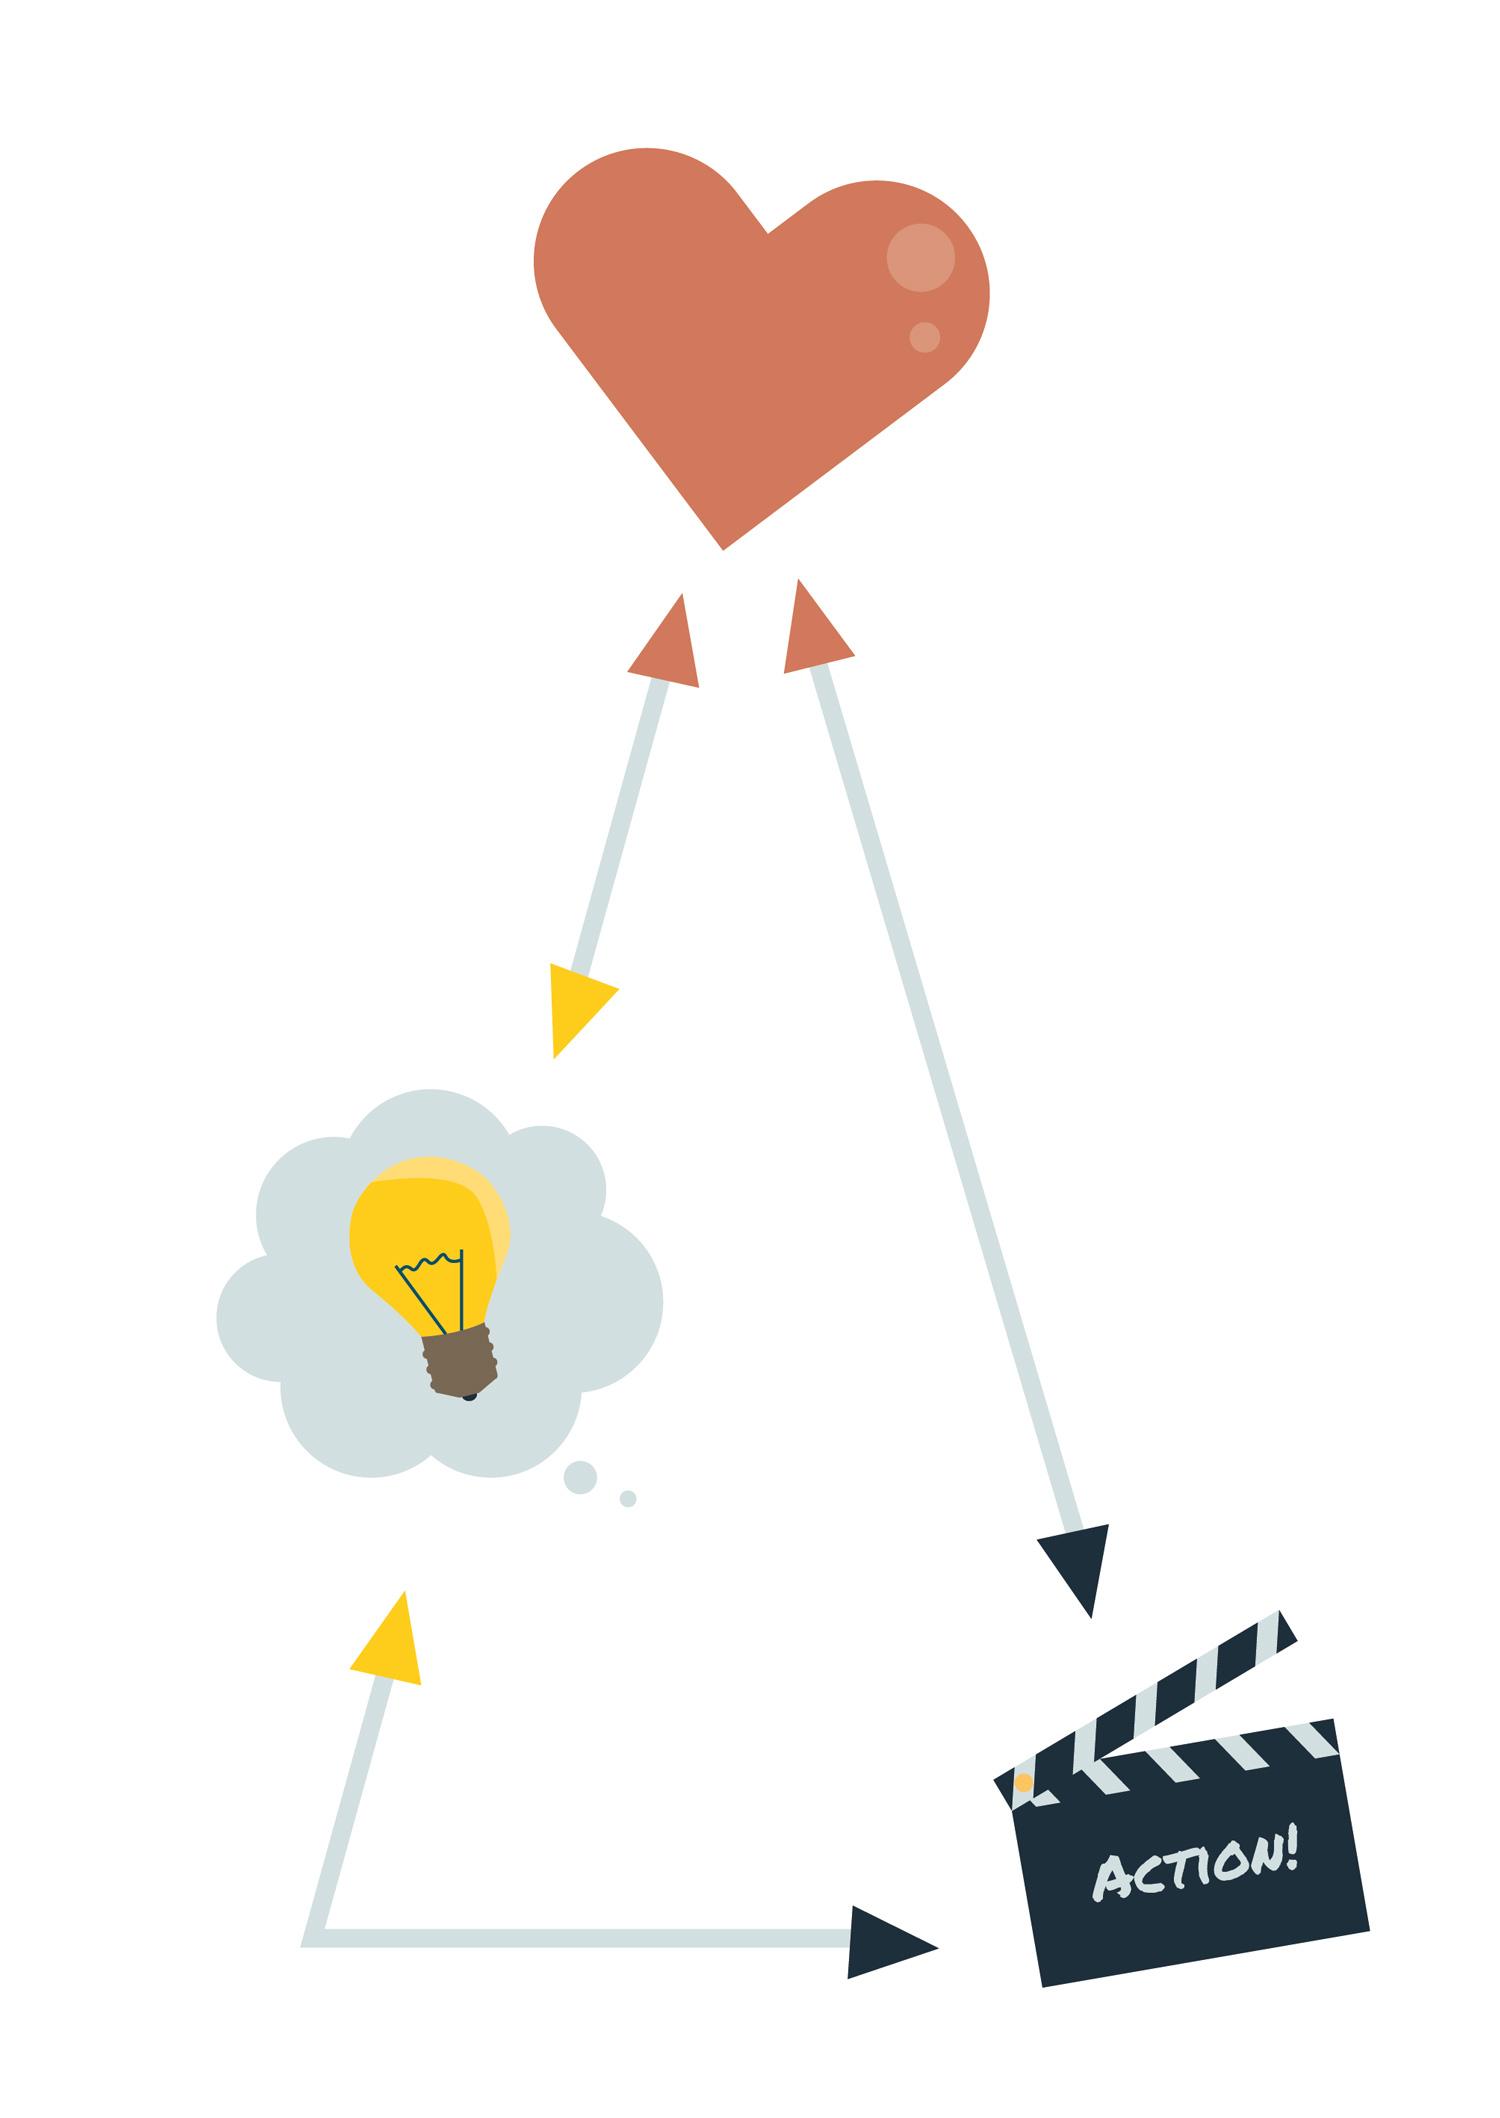 Sachbuch Illustration Denken Fühlen Handeln - Elisabeth Deim